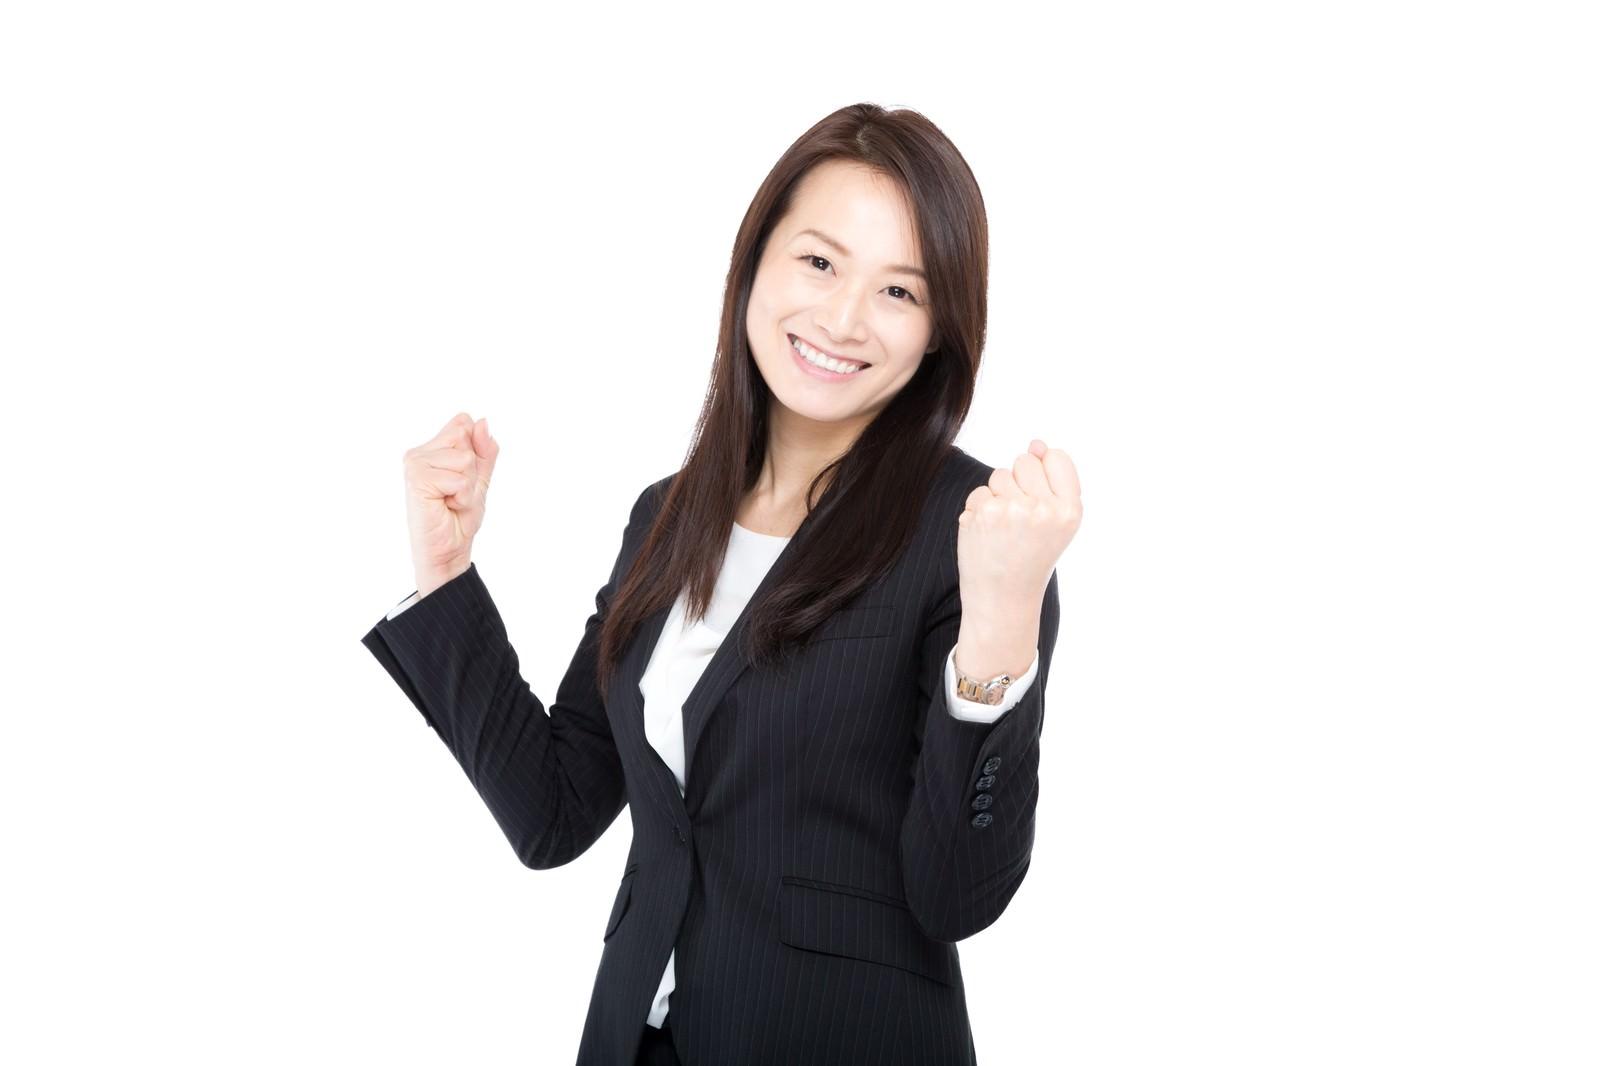 「頑張ります」の意味|敬語表現3つ・ビジネスメールにおける表現